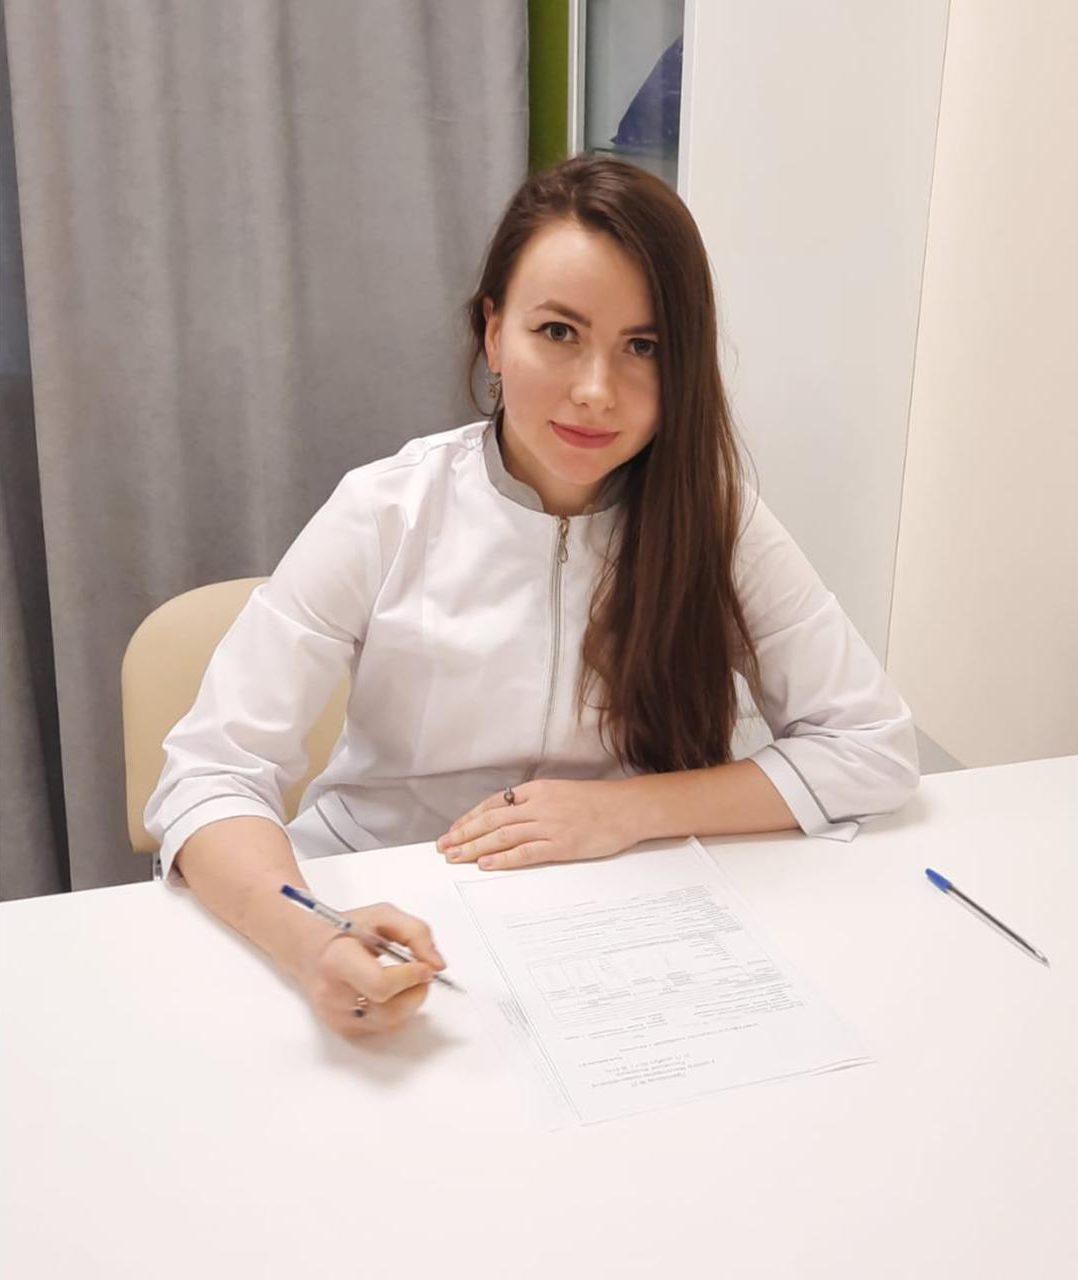 Душина Анастасия Борисовна